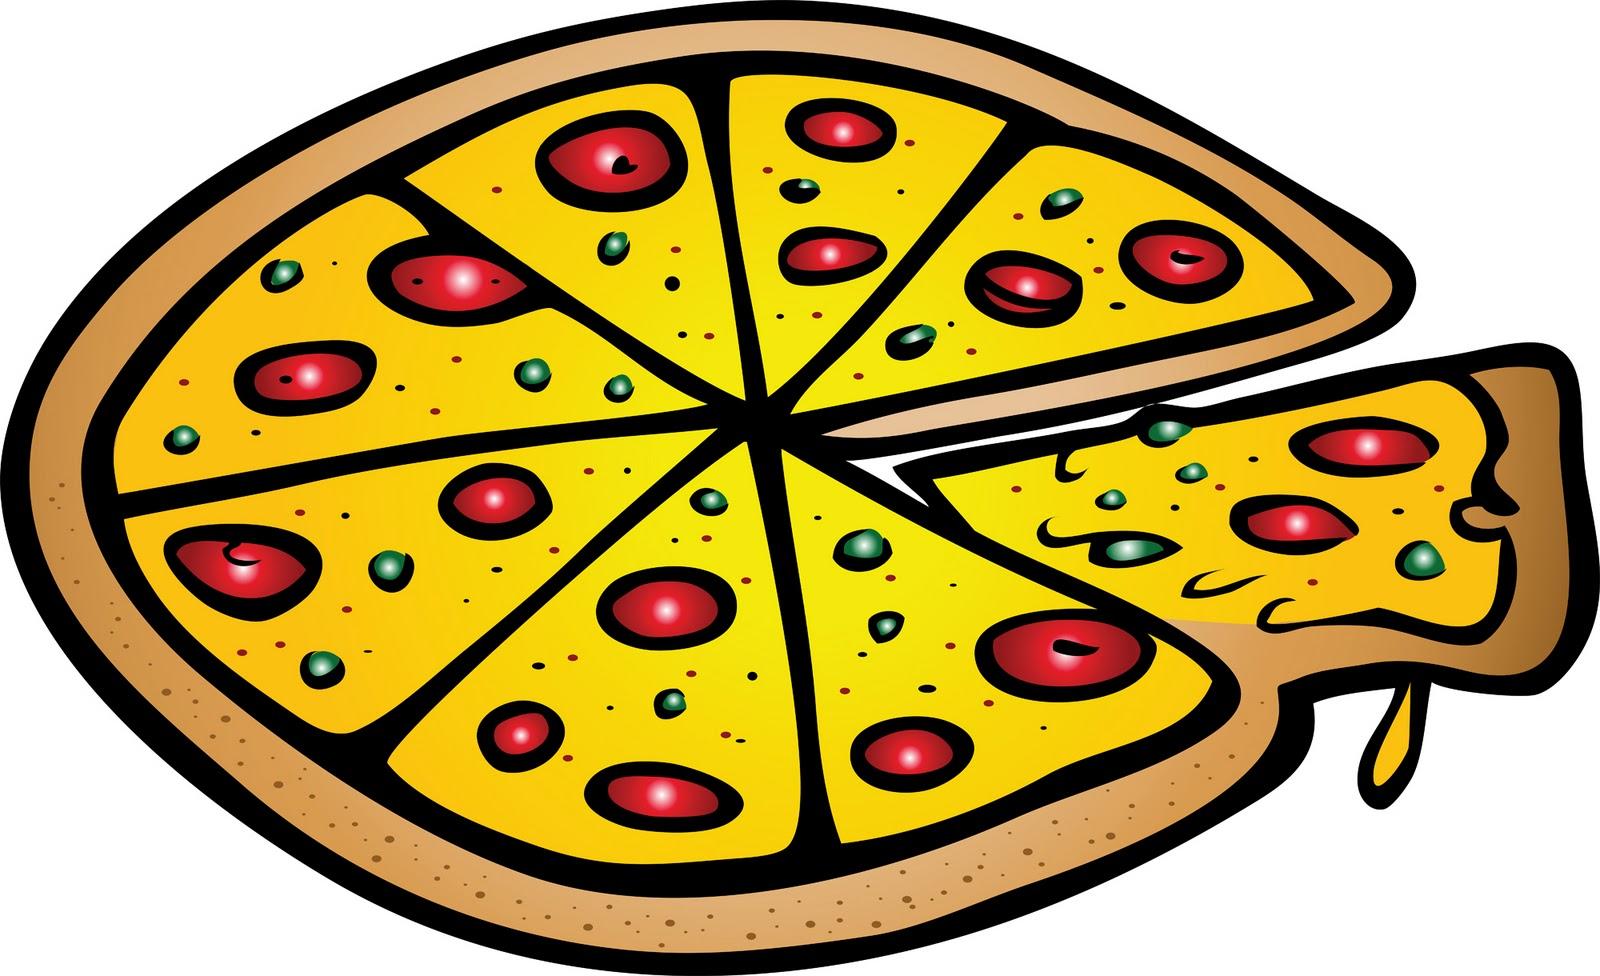 Pizza Clipart & Pizza Clip Art Images.